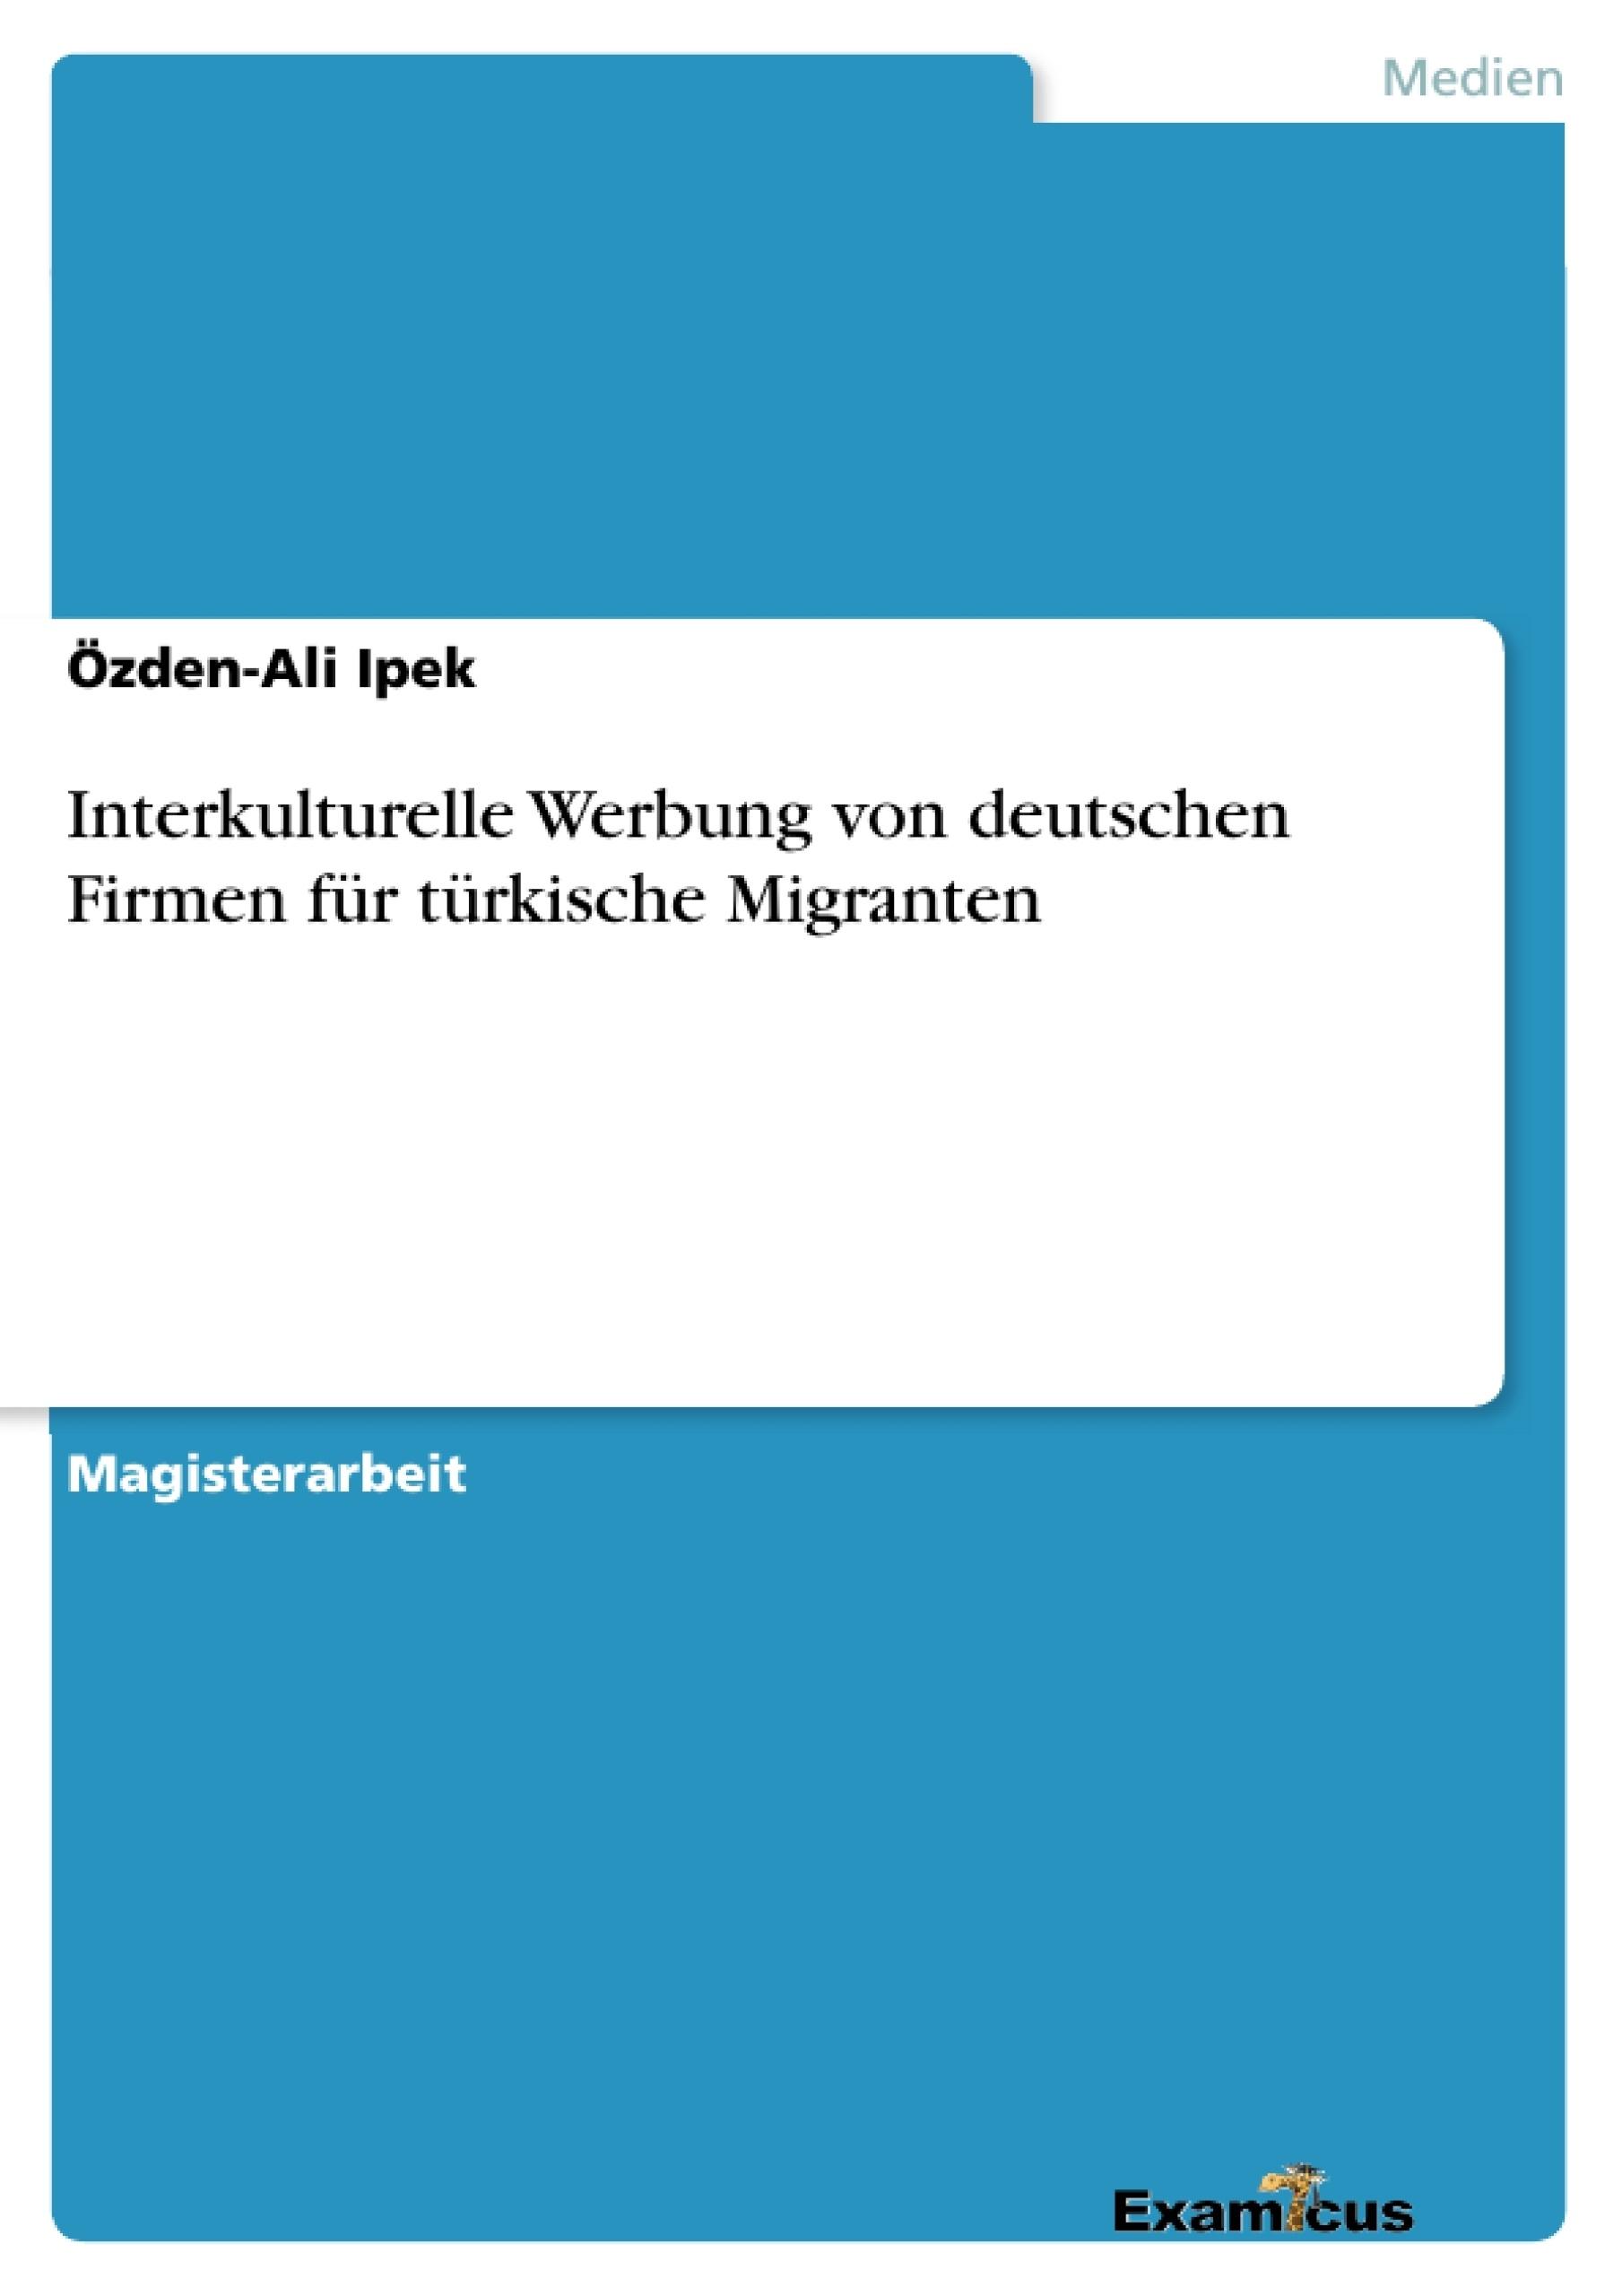 Titel: Interkulturelle Werbung von deutschen Firmen für türkische Migranten